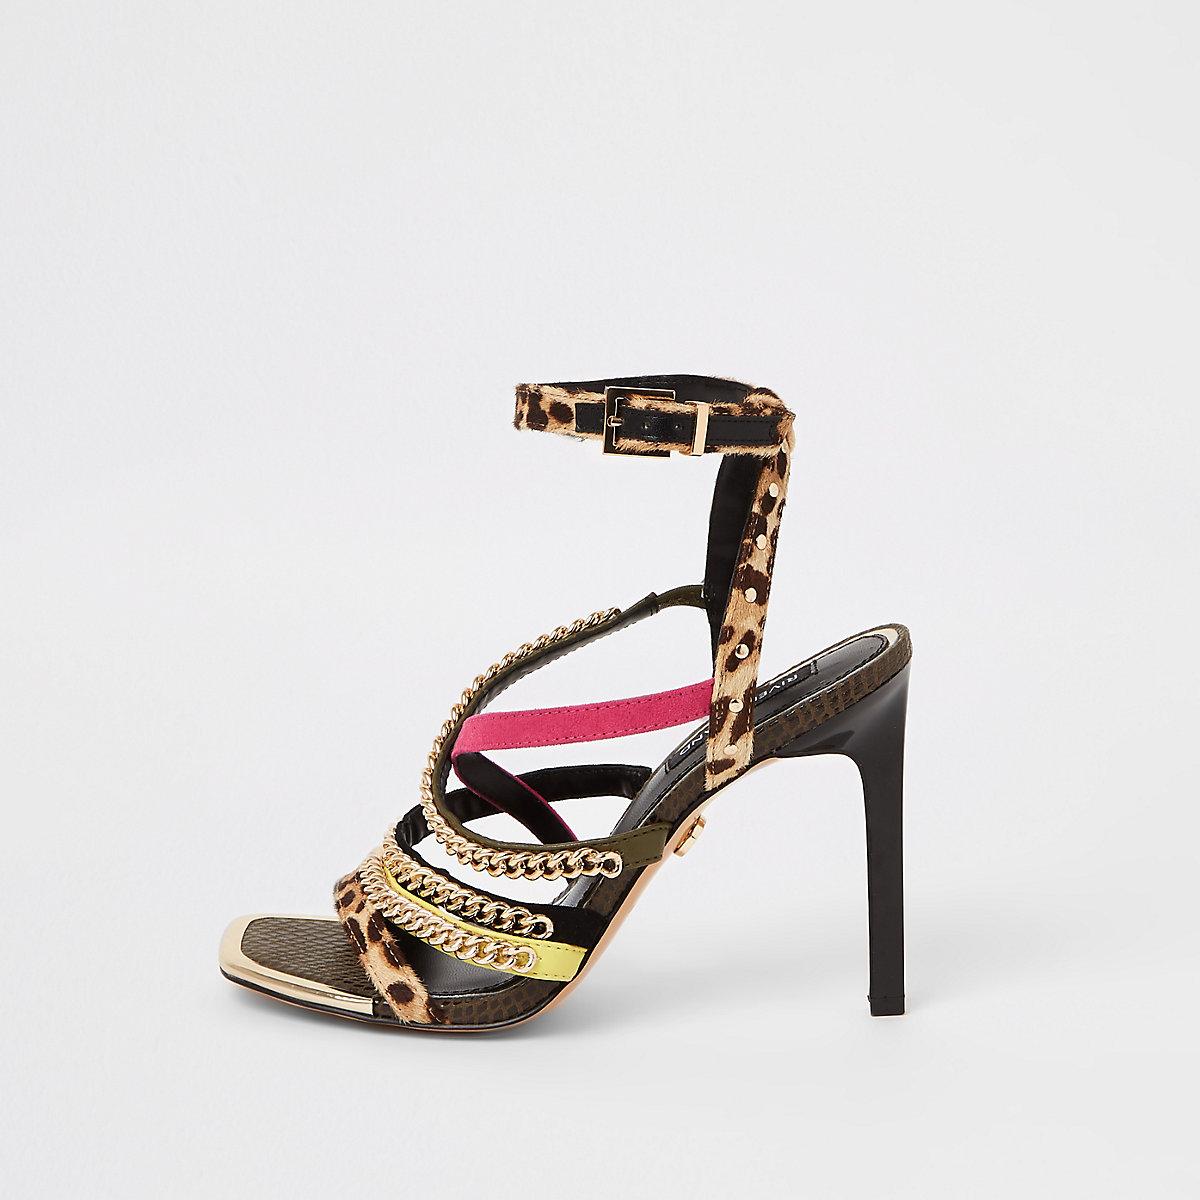 Sandales imprimé léopard marron à talon et bride à maillons